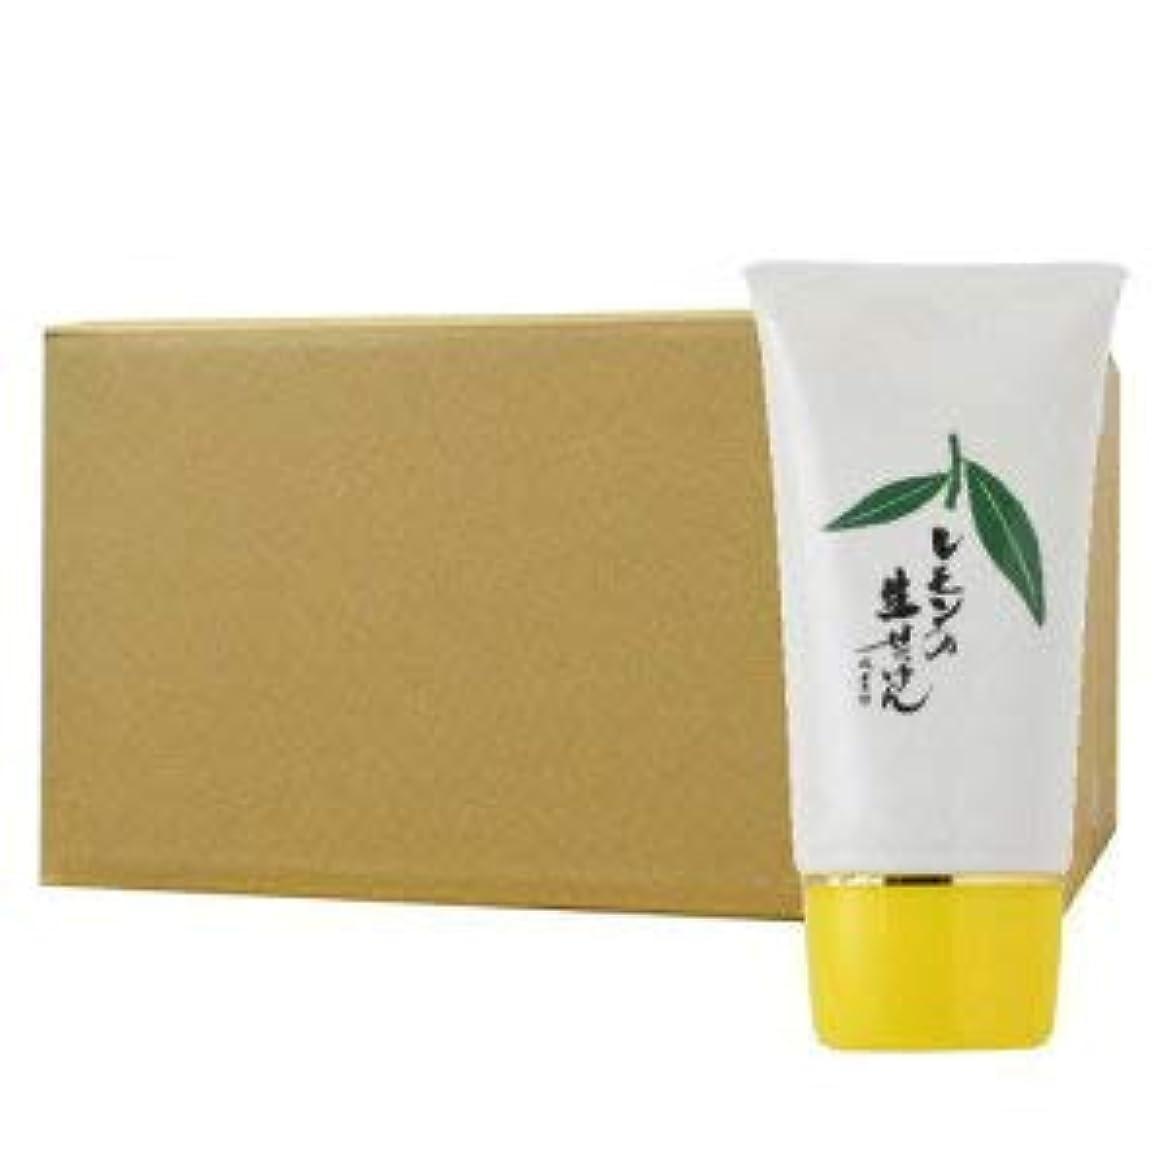 建築バラバラにする天窓UYEKI美香柑レモンの生せっけん70g×60個セット